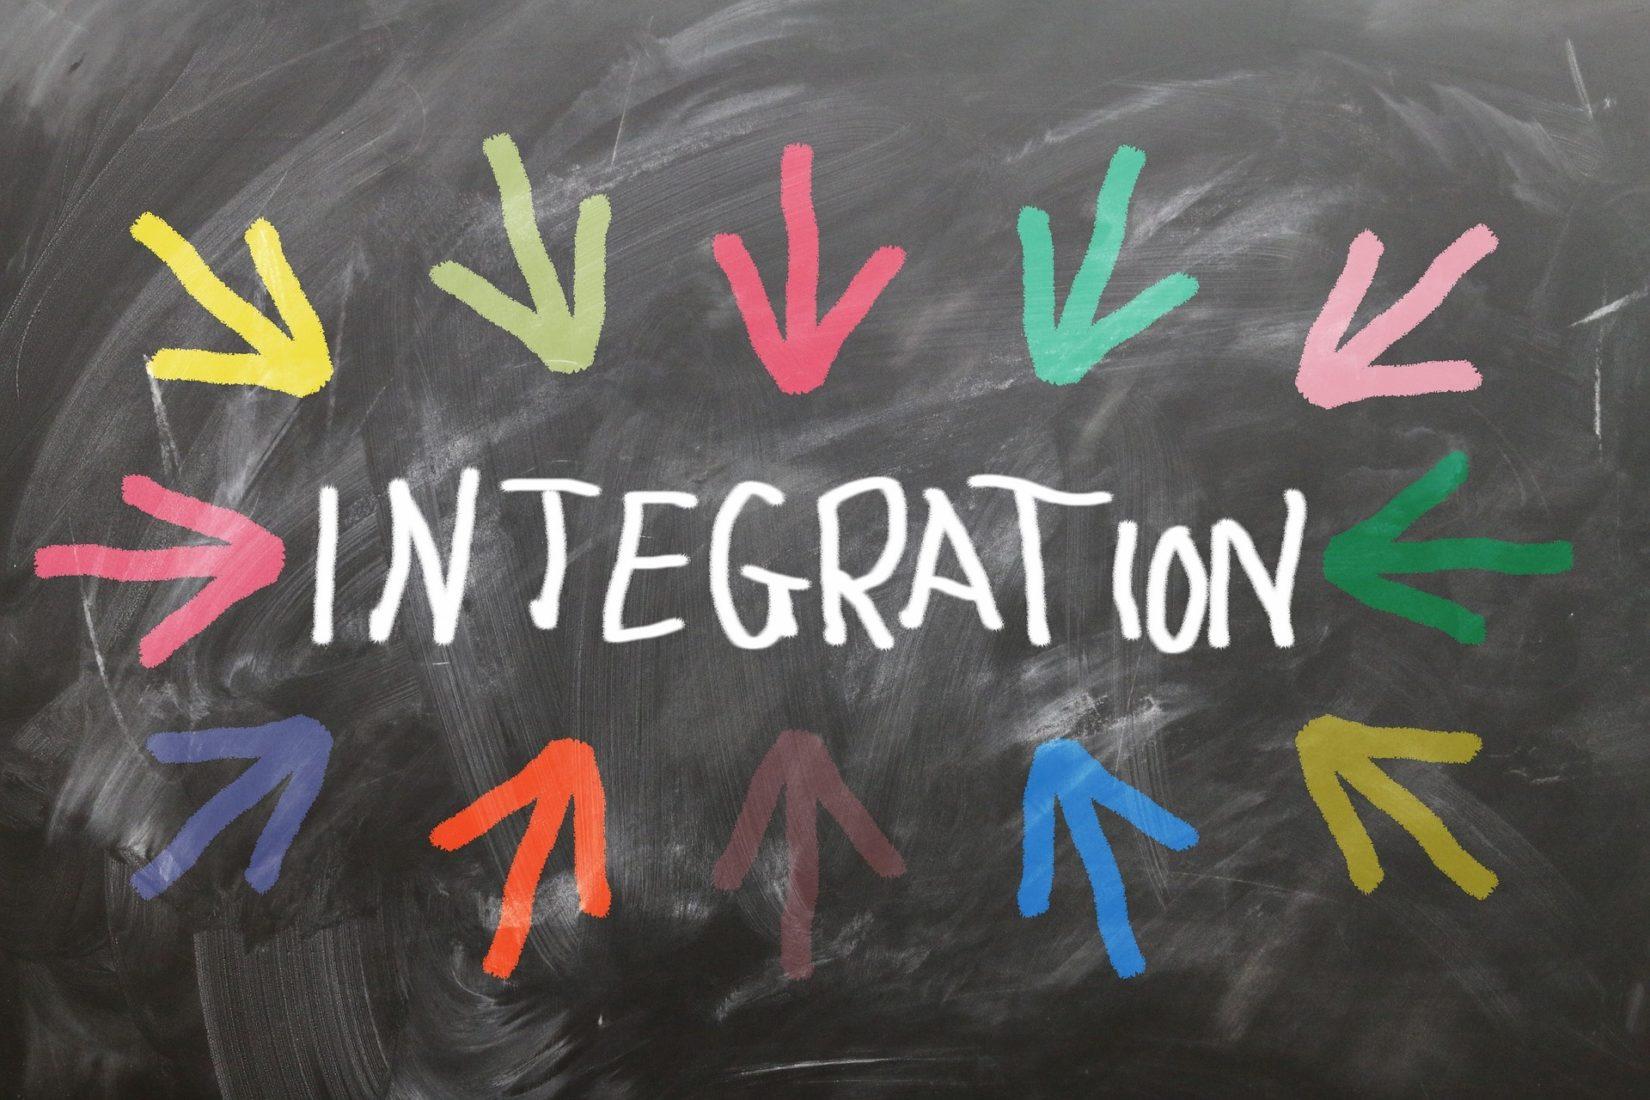 Besser als gedacht: Die berufliche Integration von Geflüchteten macht Fortschritte. Foto: Pixabay